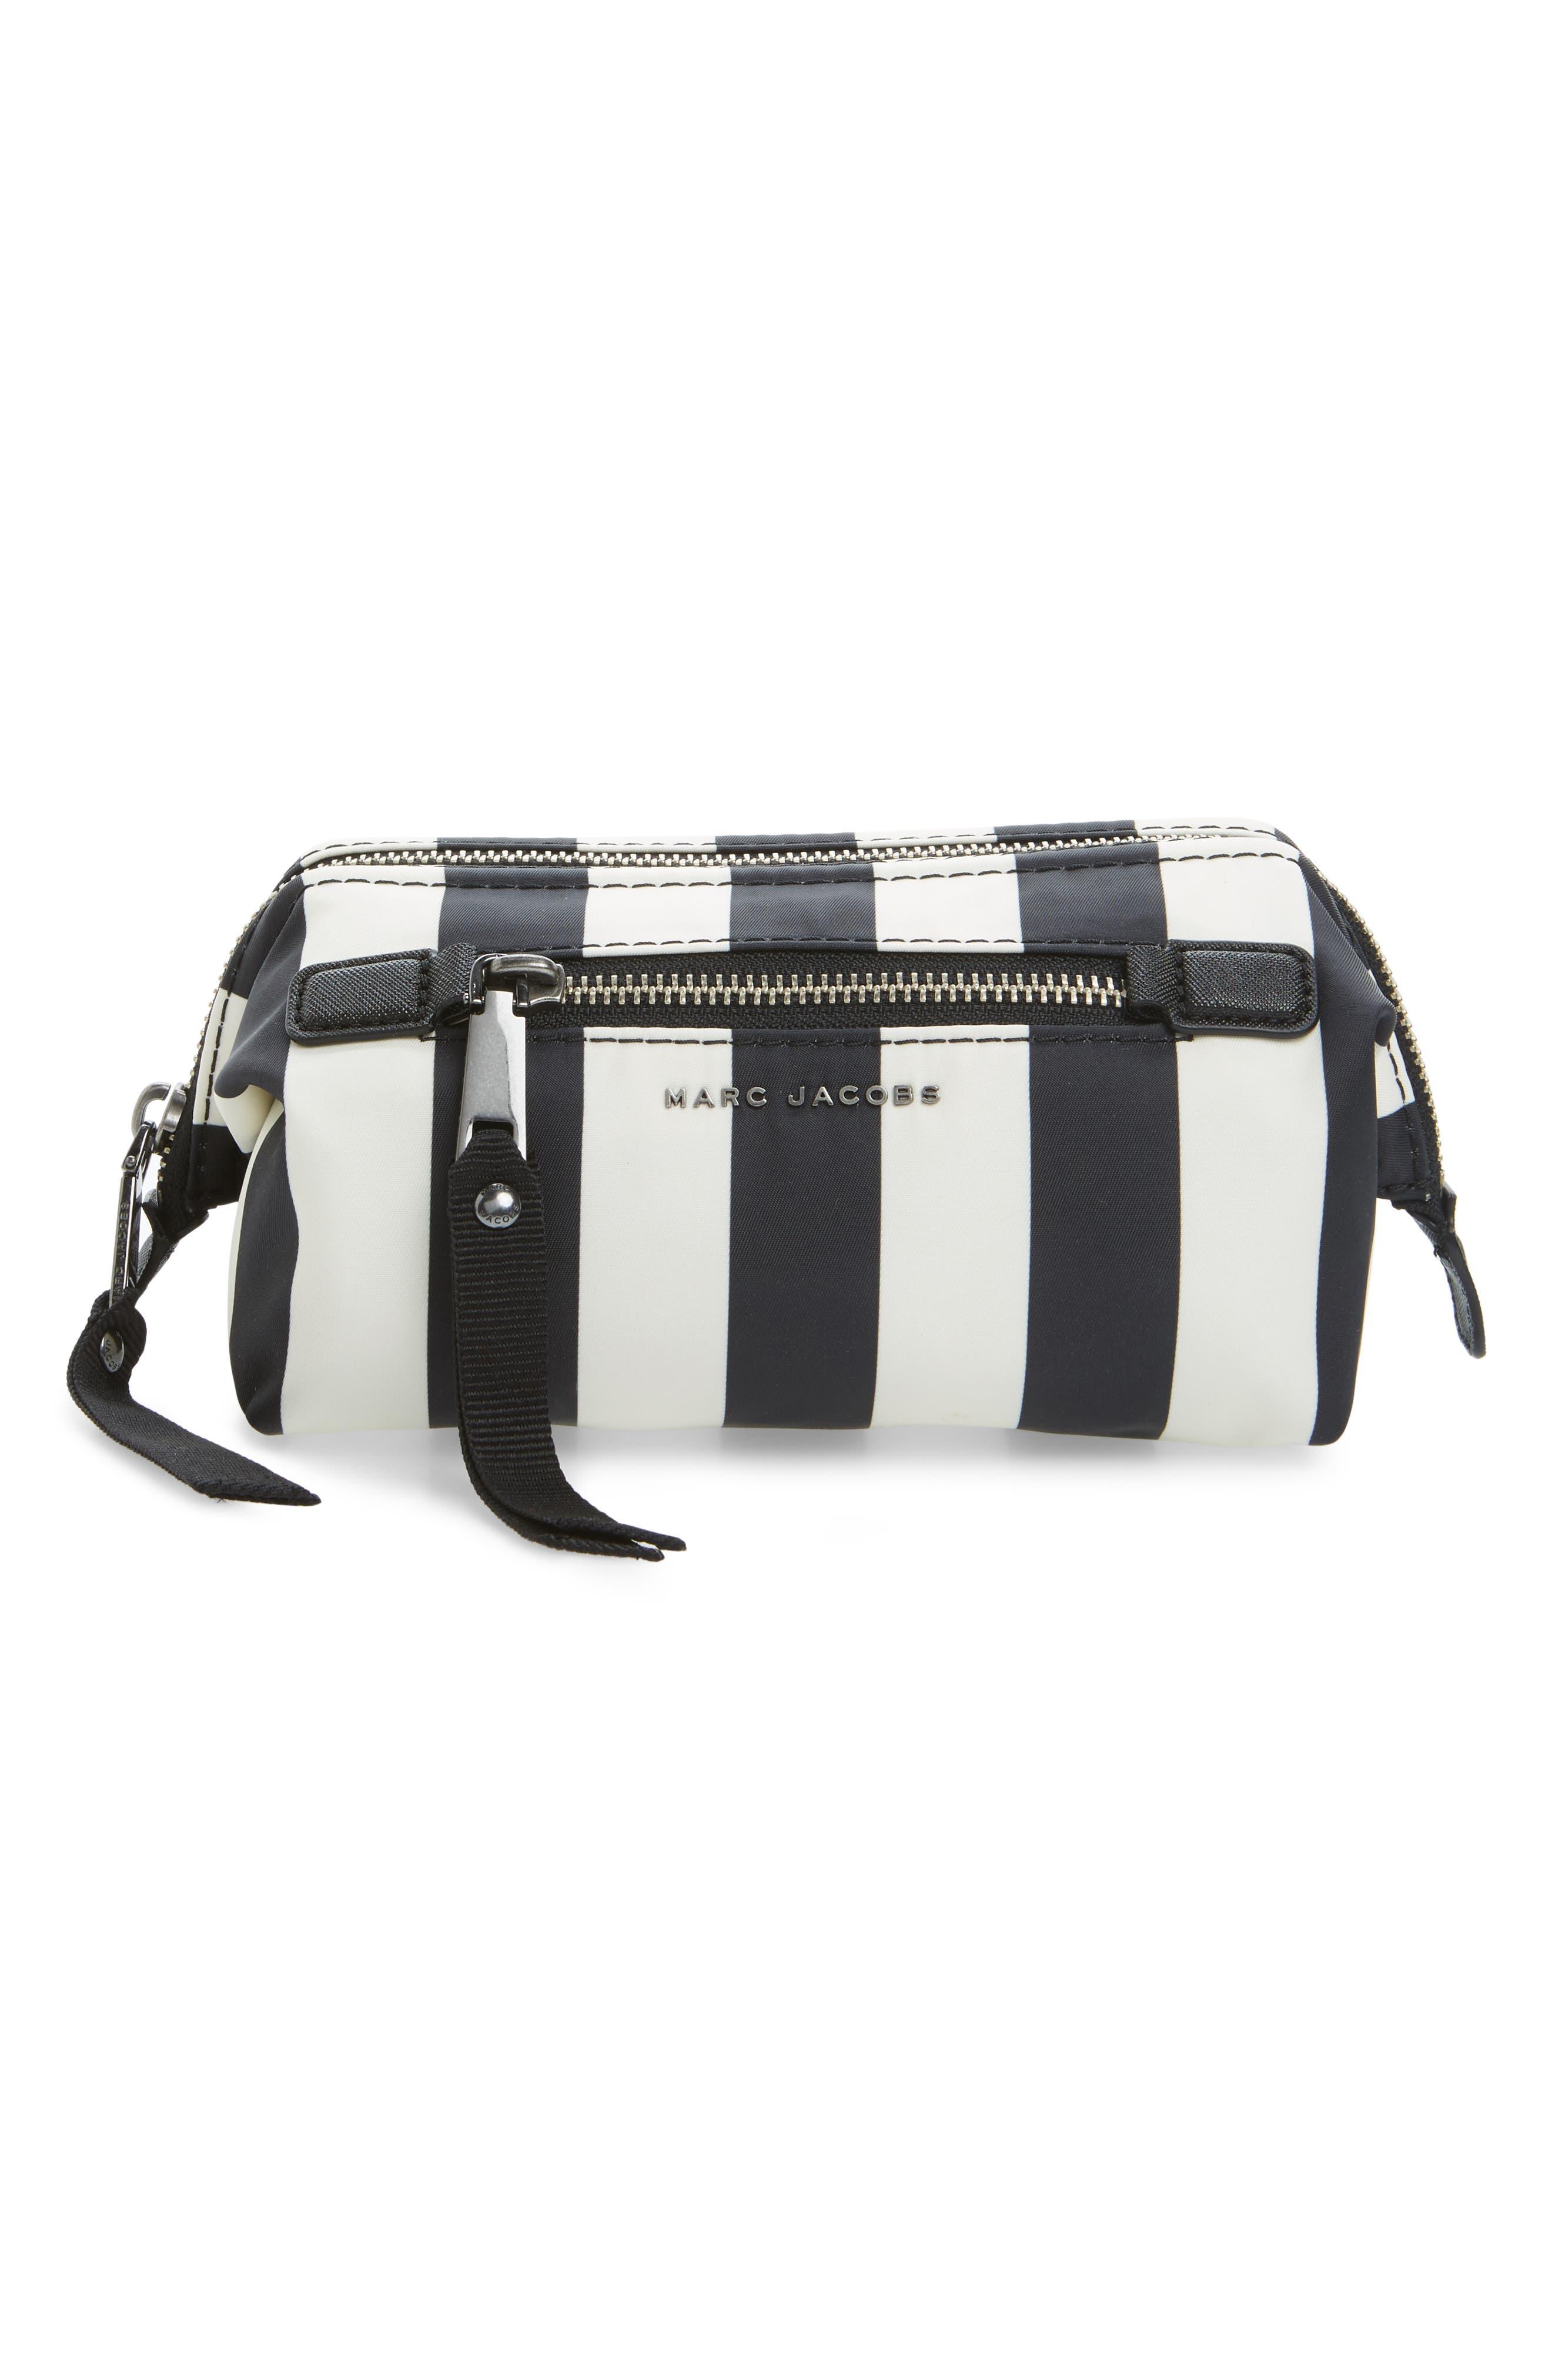 Stripes Trooper Cosmetics Bag,                             Main thumbnail 1, color,                             Black Multi